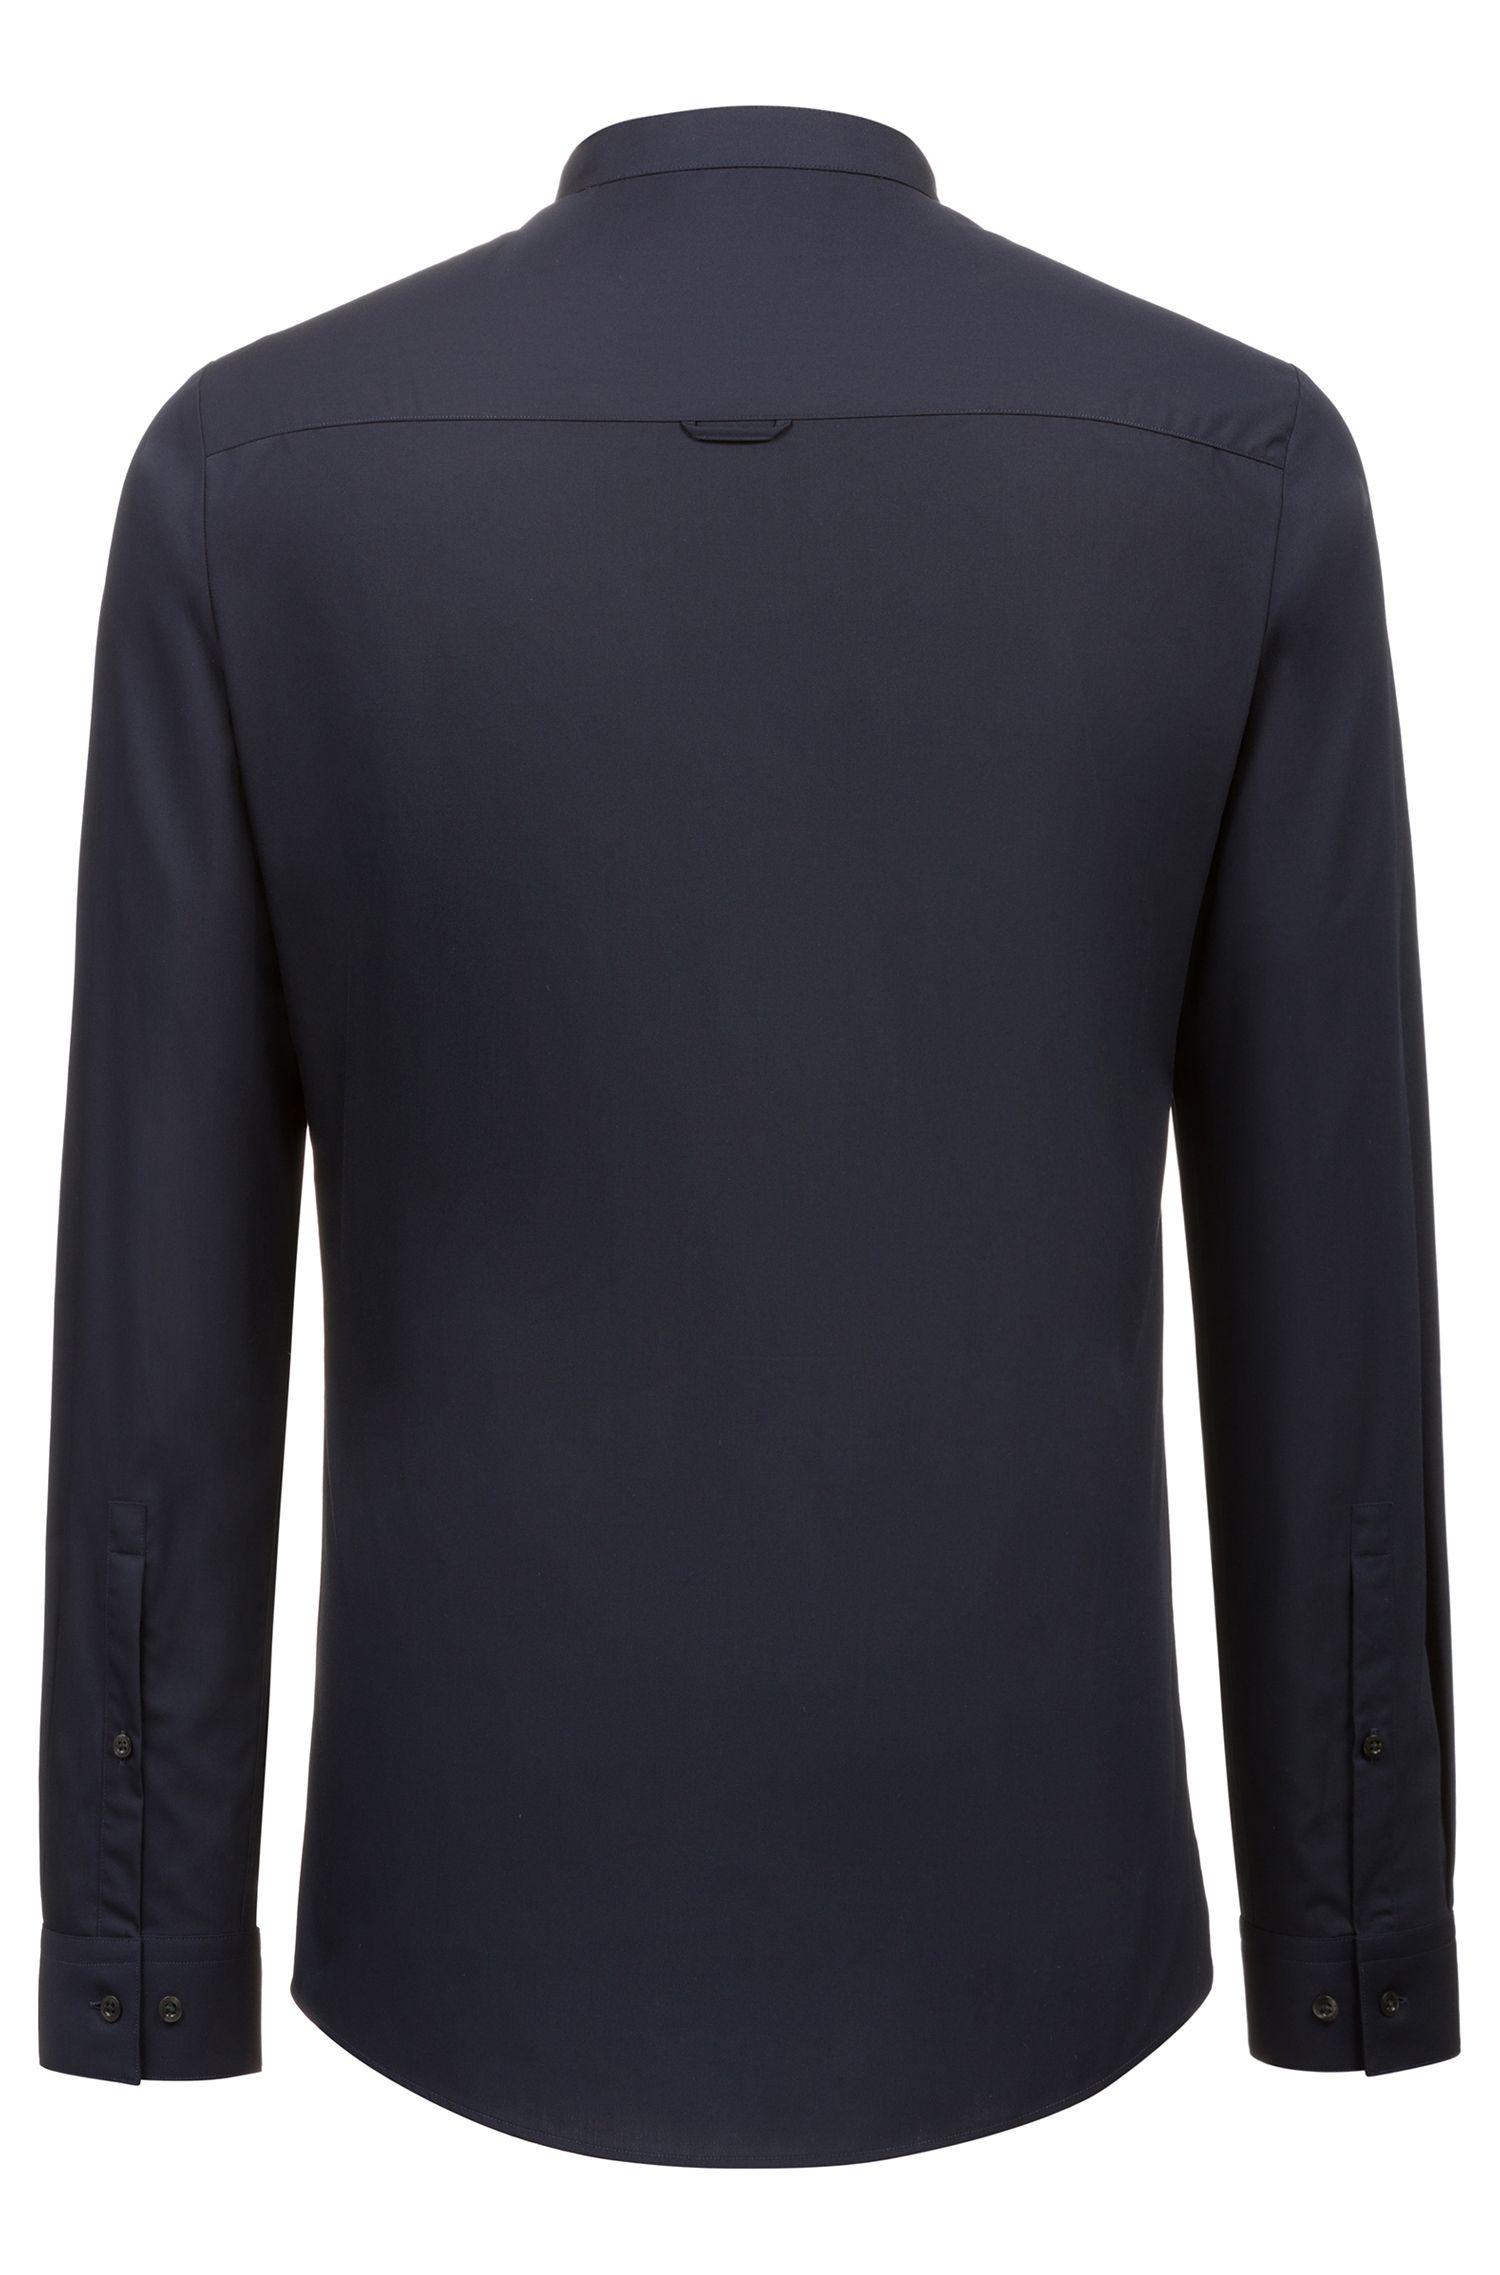 Hugo Boss - Extra Slim-Fit Hemd aus Baumwolle mit Streifen an der Knopfleiste - 4